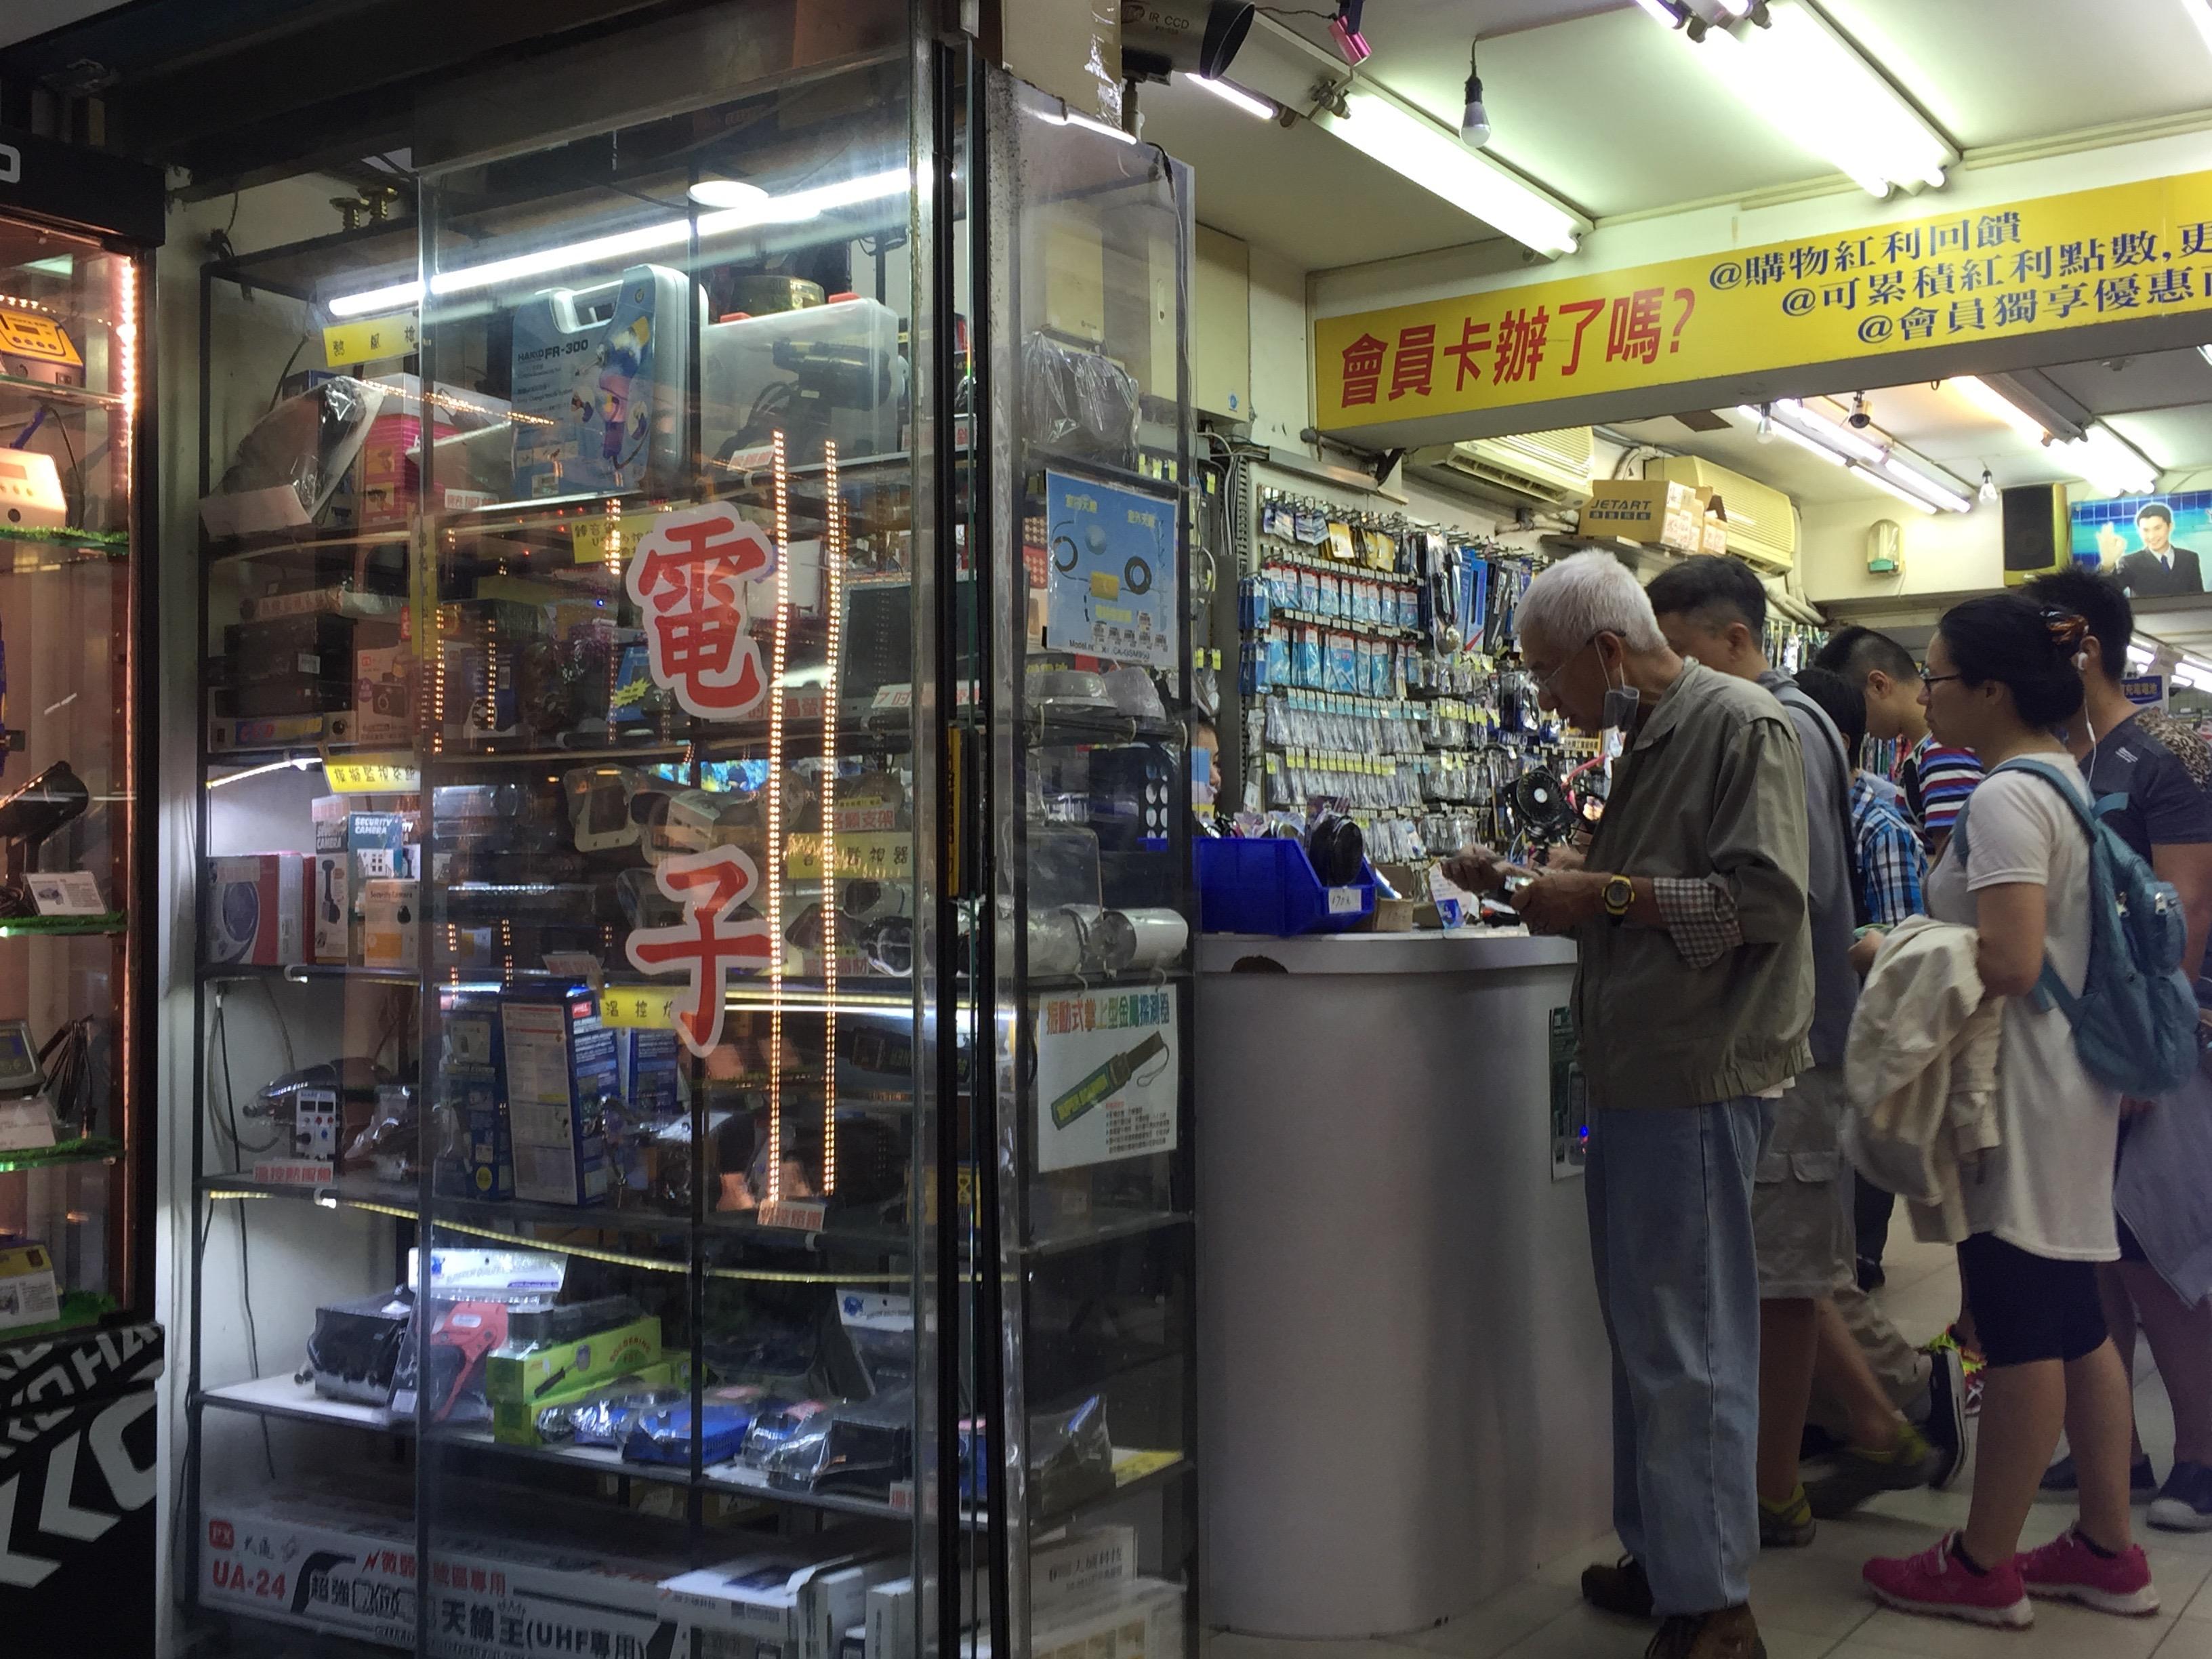 位於中正區的光華商場,是購買電子產品的好去處。攝影/張子怡